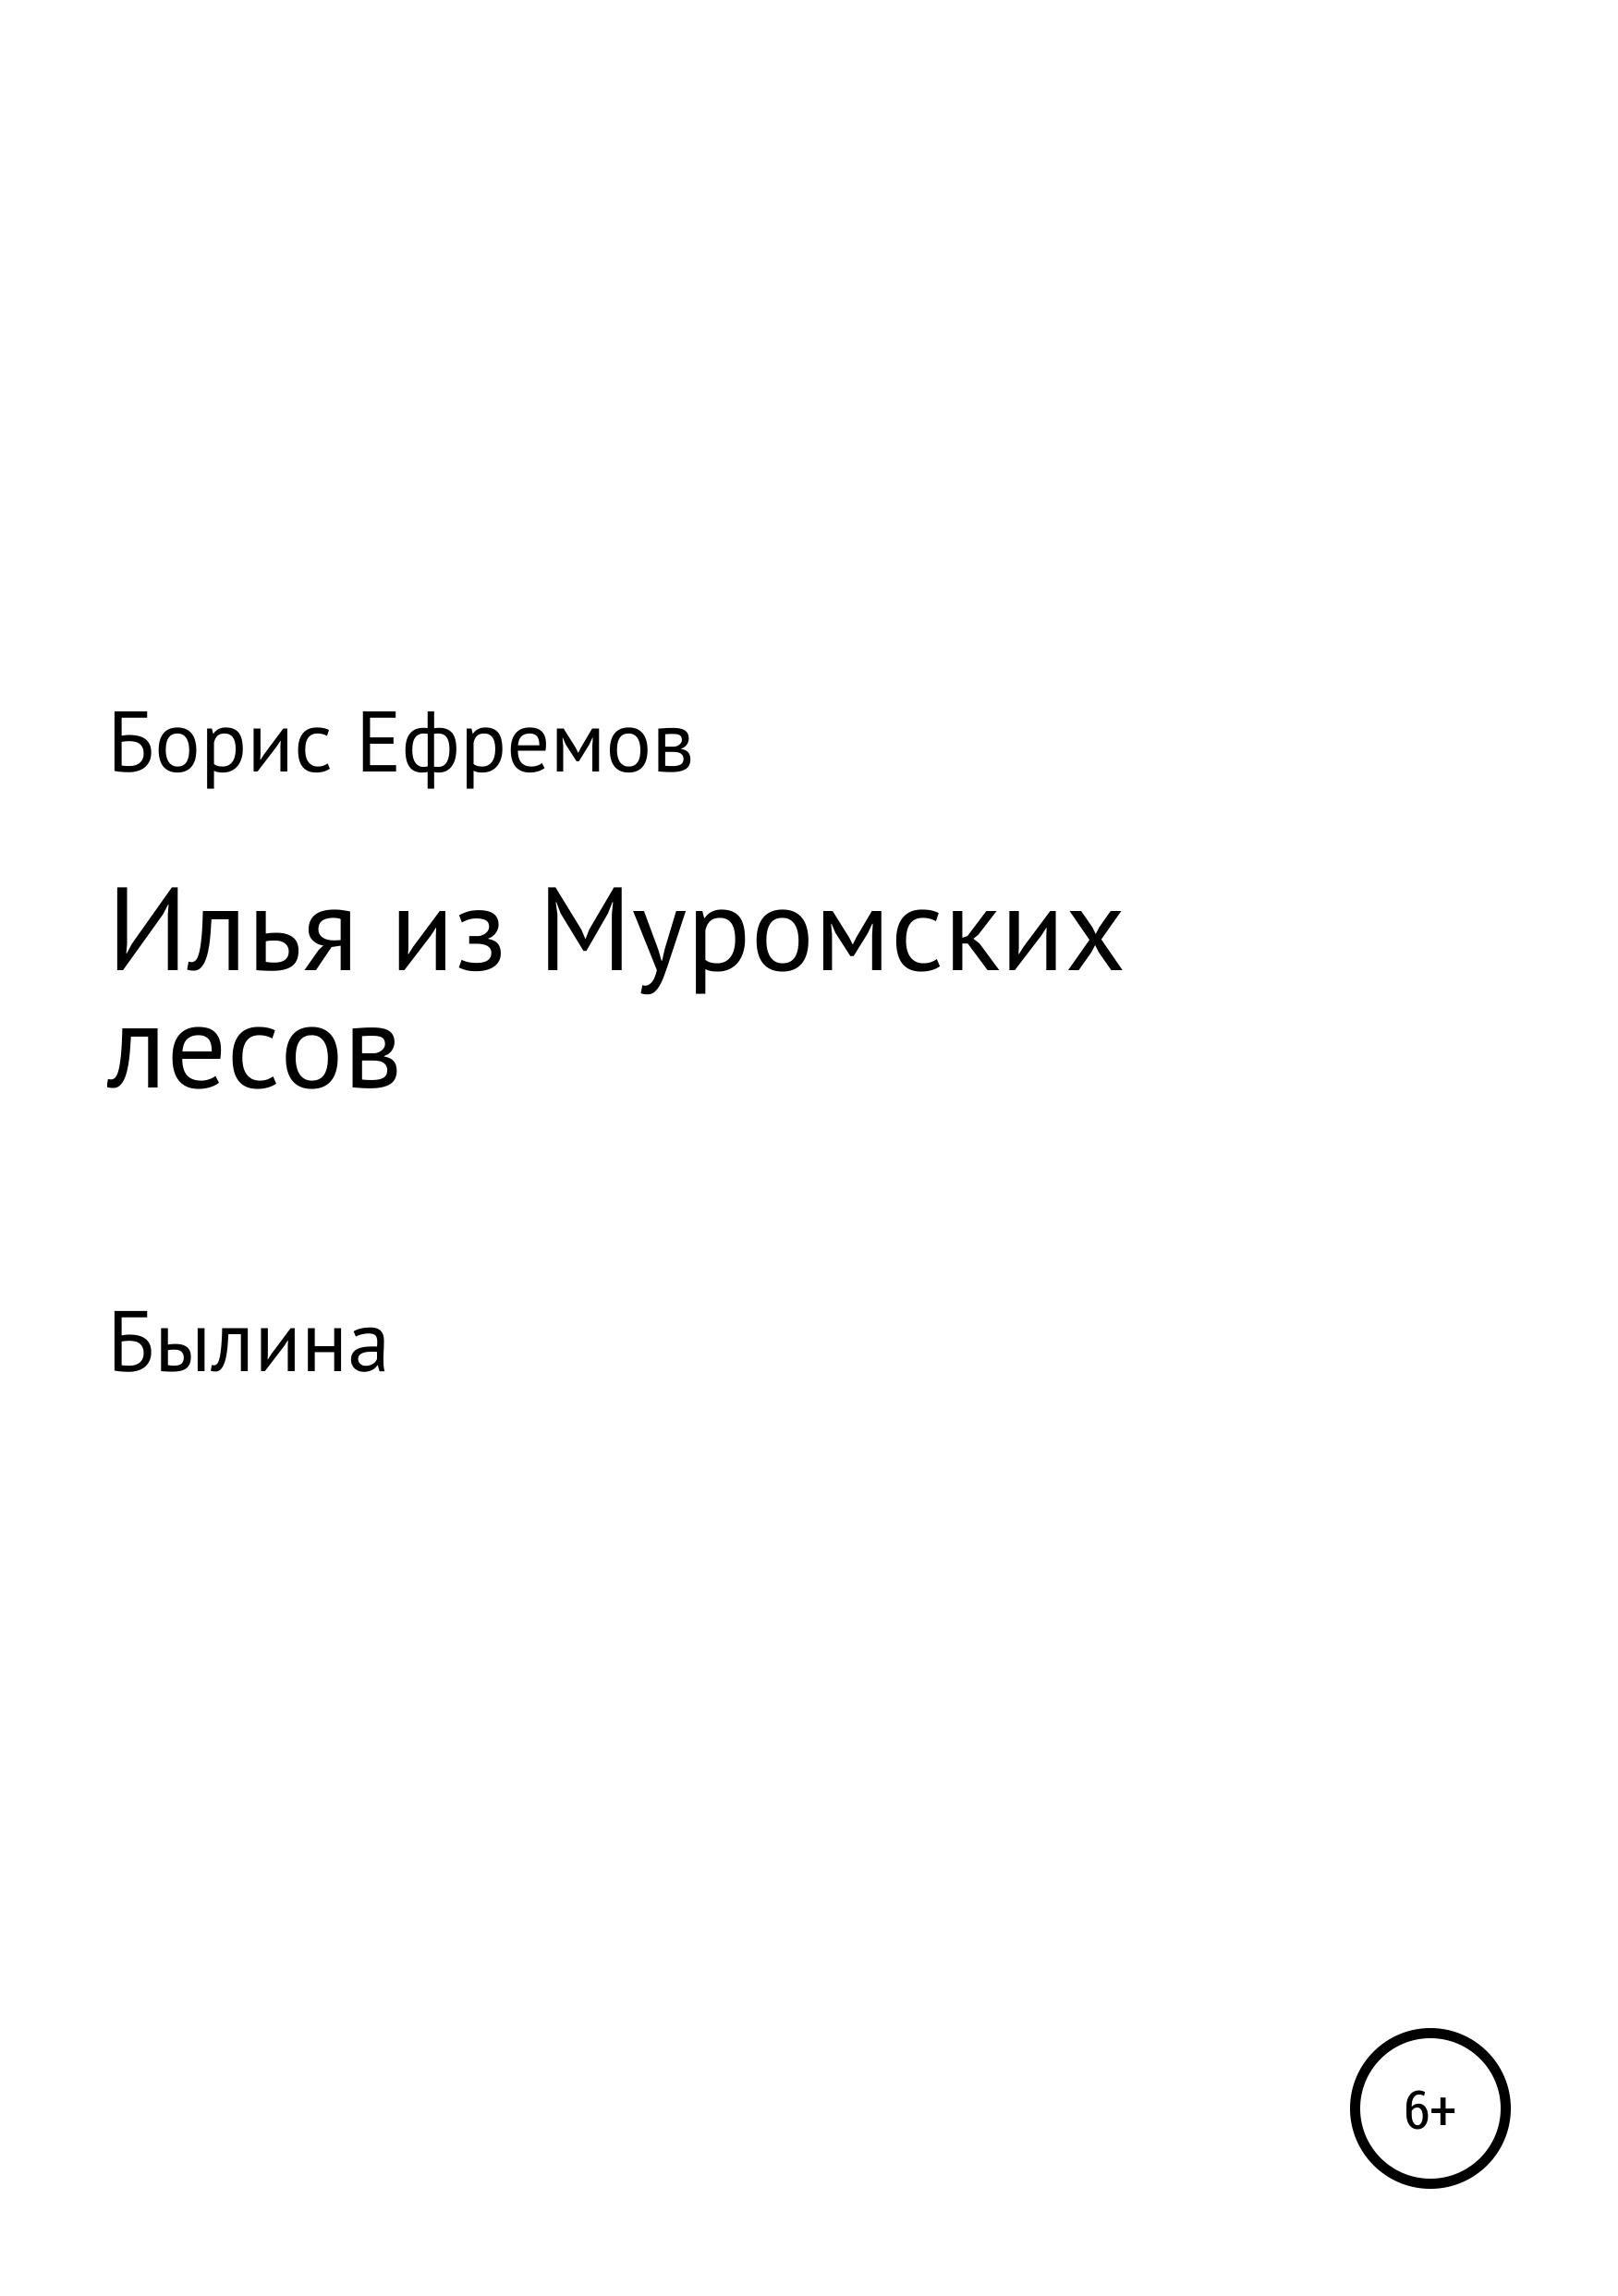 Борис Алексеевич Ефремов Илья из муромских лесов. Былина